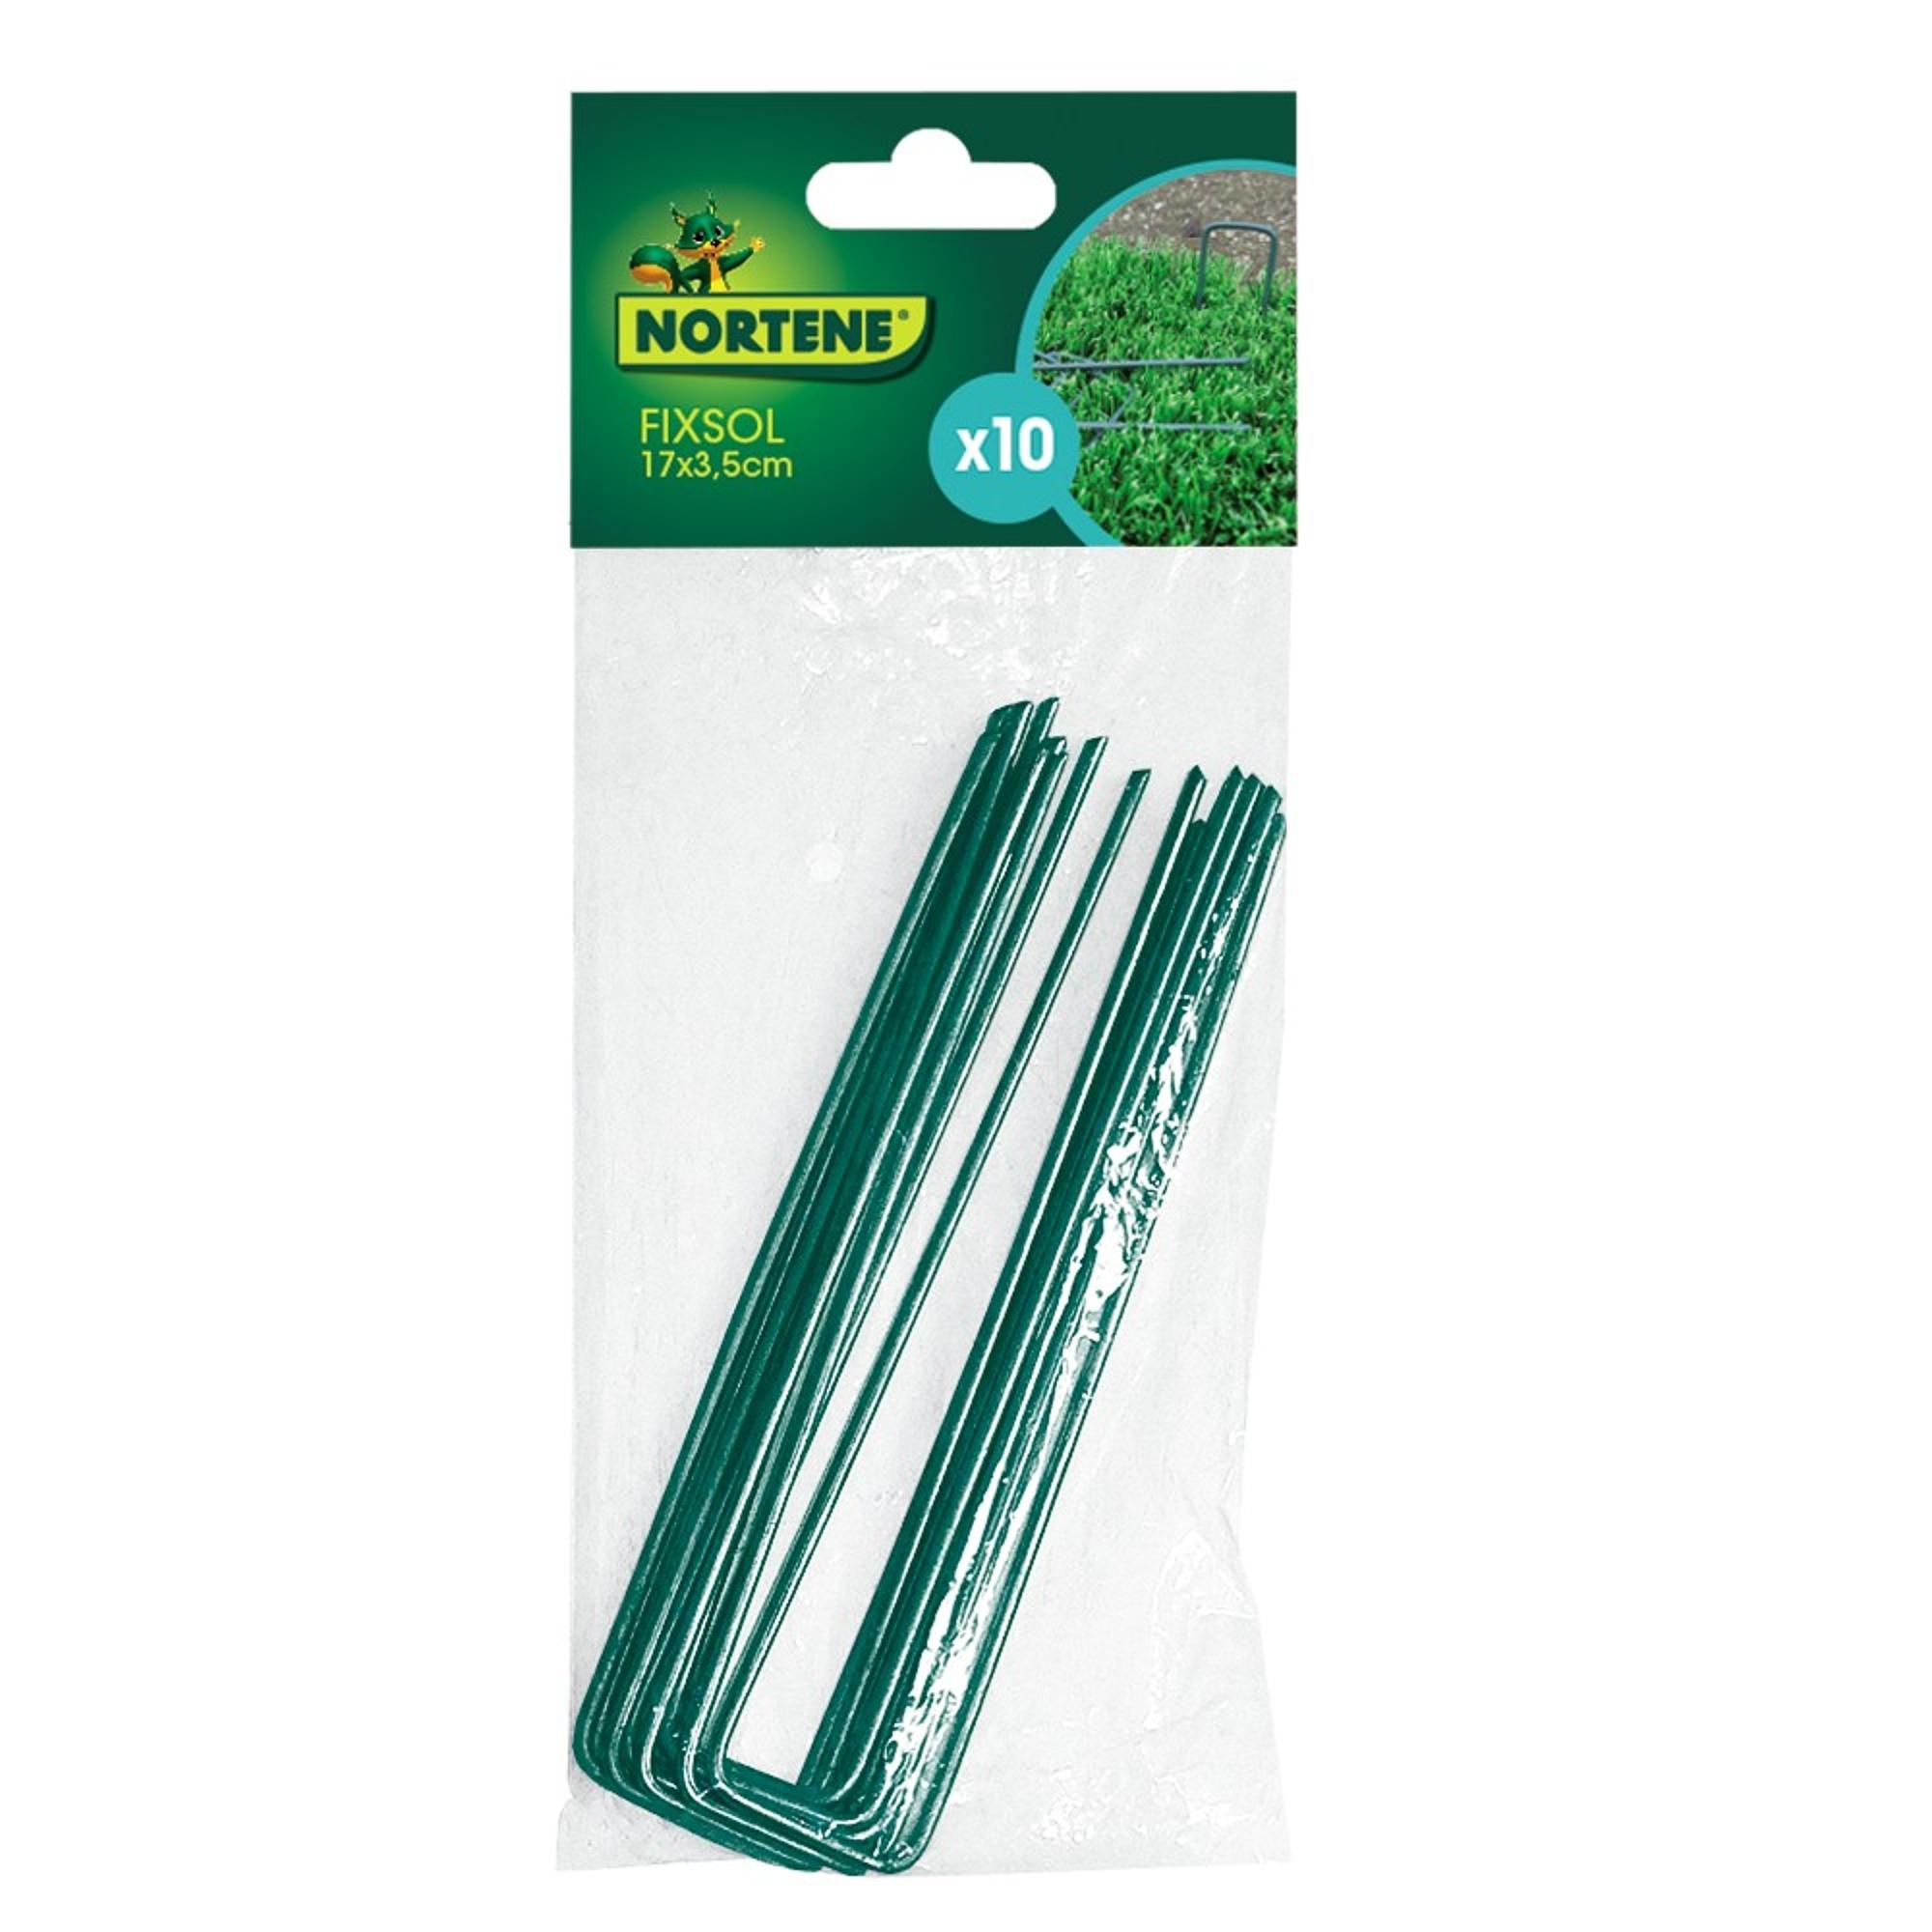 Nortene FIXSOL fém rögzítő - 17 x 3,5 cm  -  zöld - 2007291